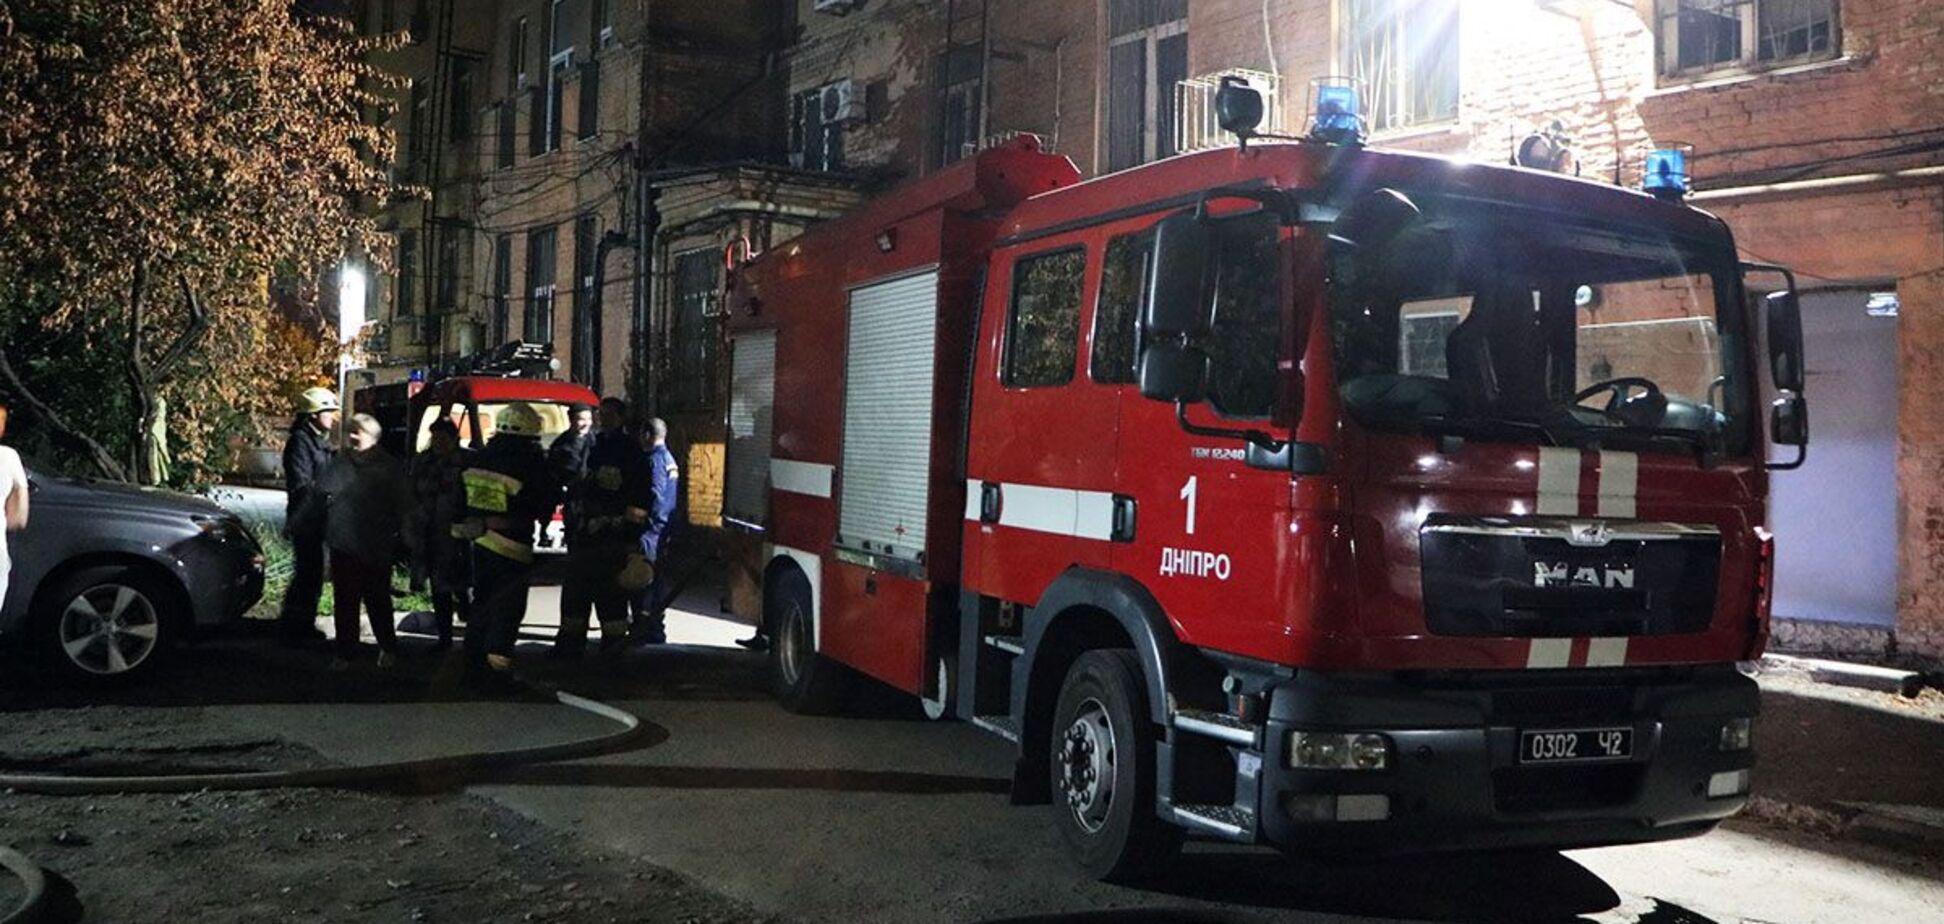 В Днепре спасатели во время пожара вынесли на руках троих детей. Фото и видео